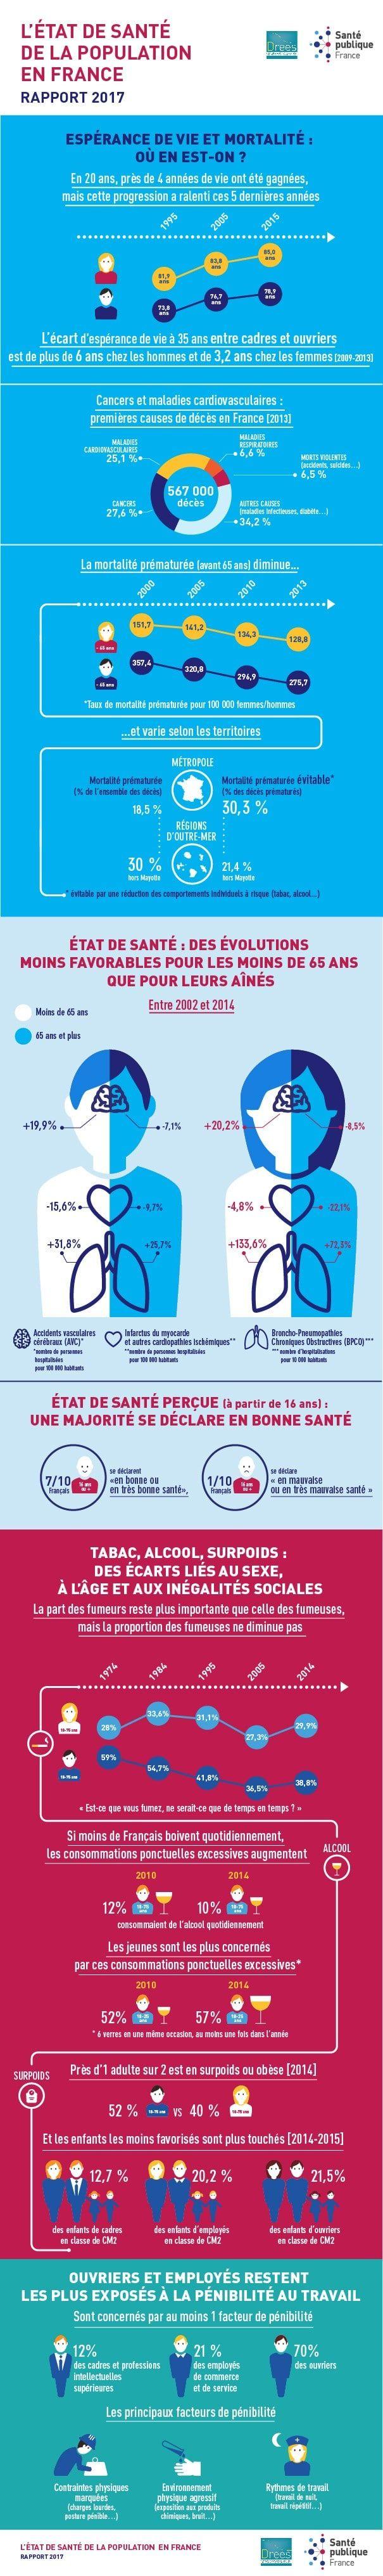 Infographie : Etat de santé de la population en France